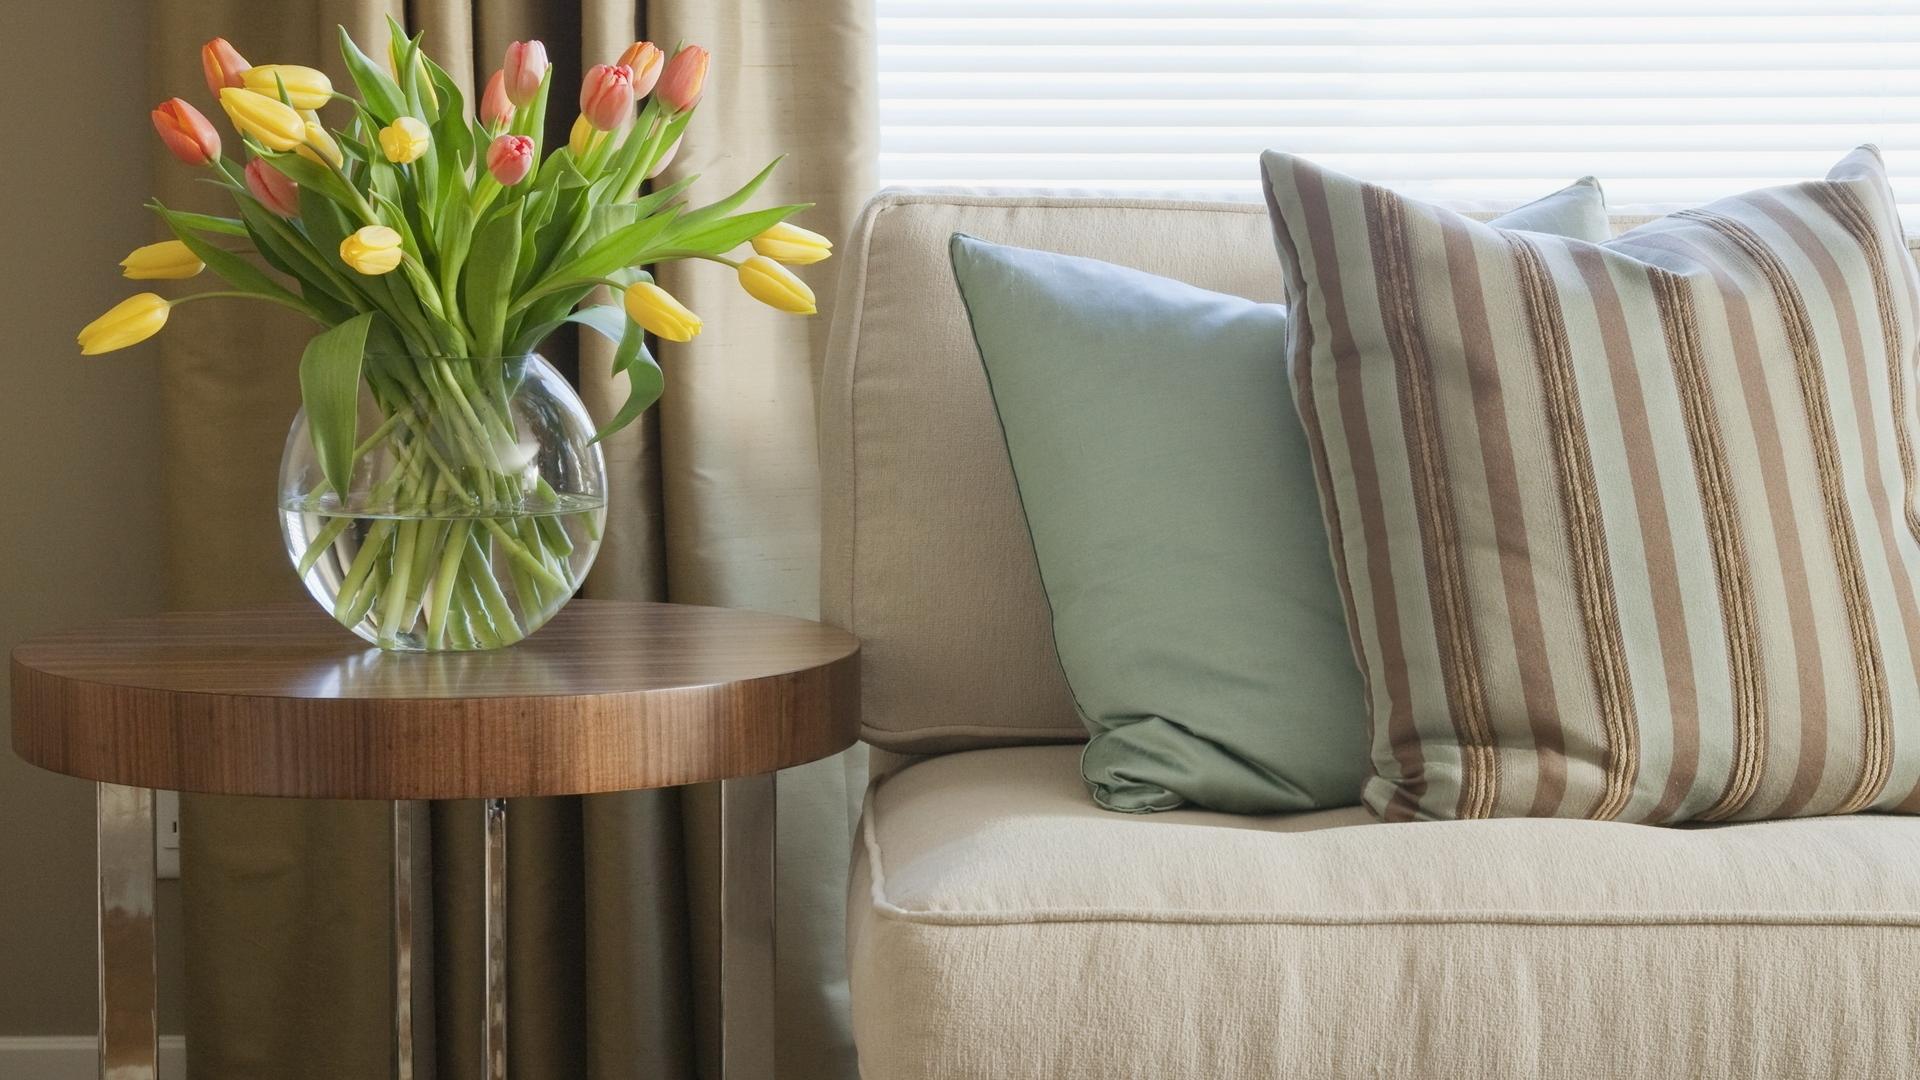 Подушки в пастельных тонах для спокойного интерьера